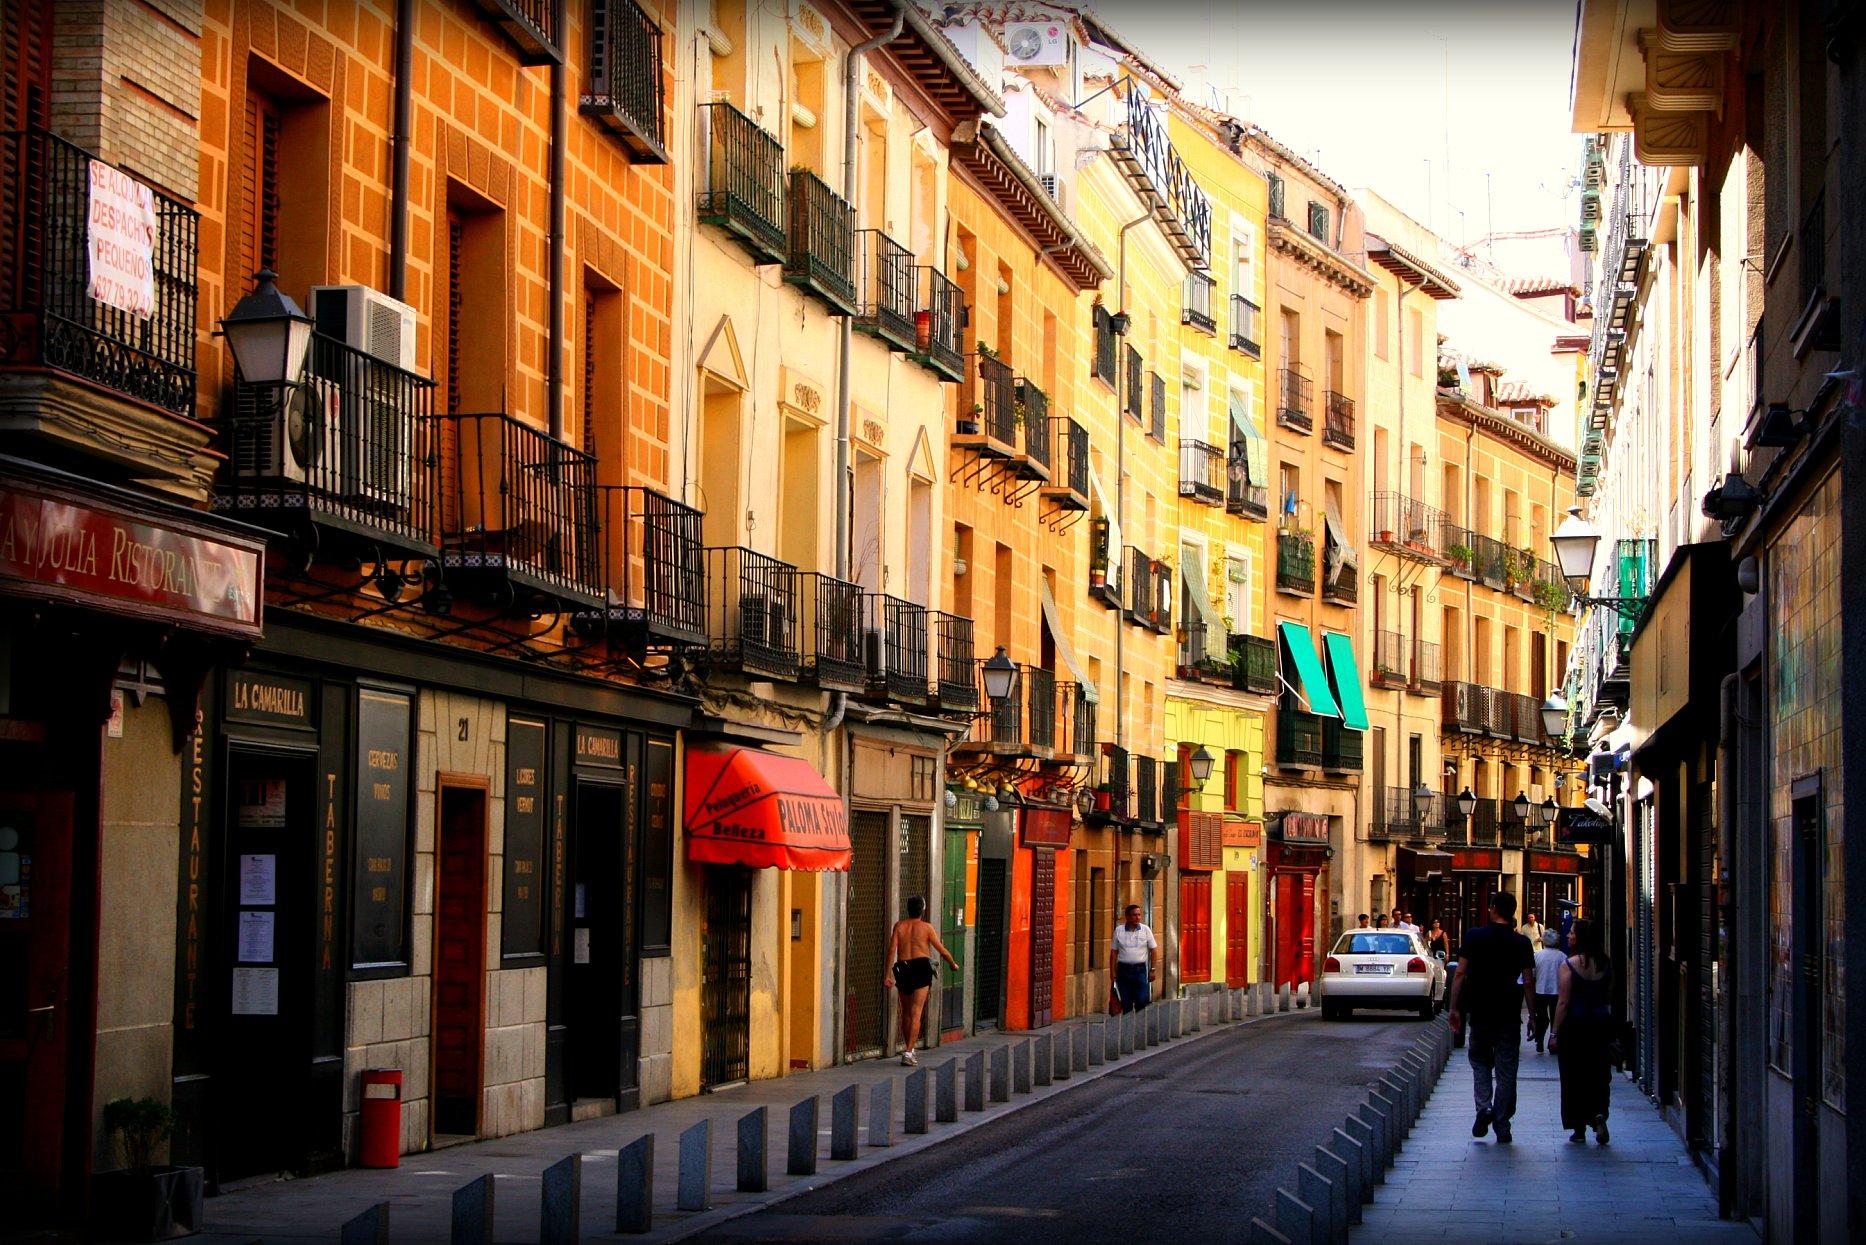 File:Cava Baja, Madrid (6146188051).jpg - Wikimedia Commons